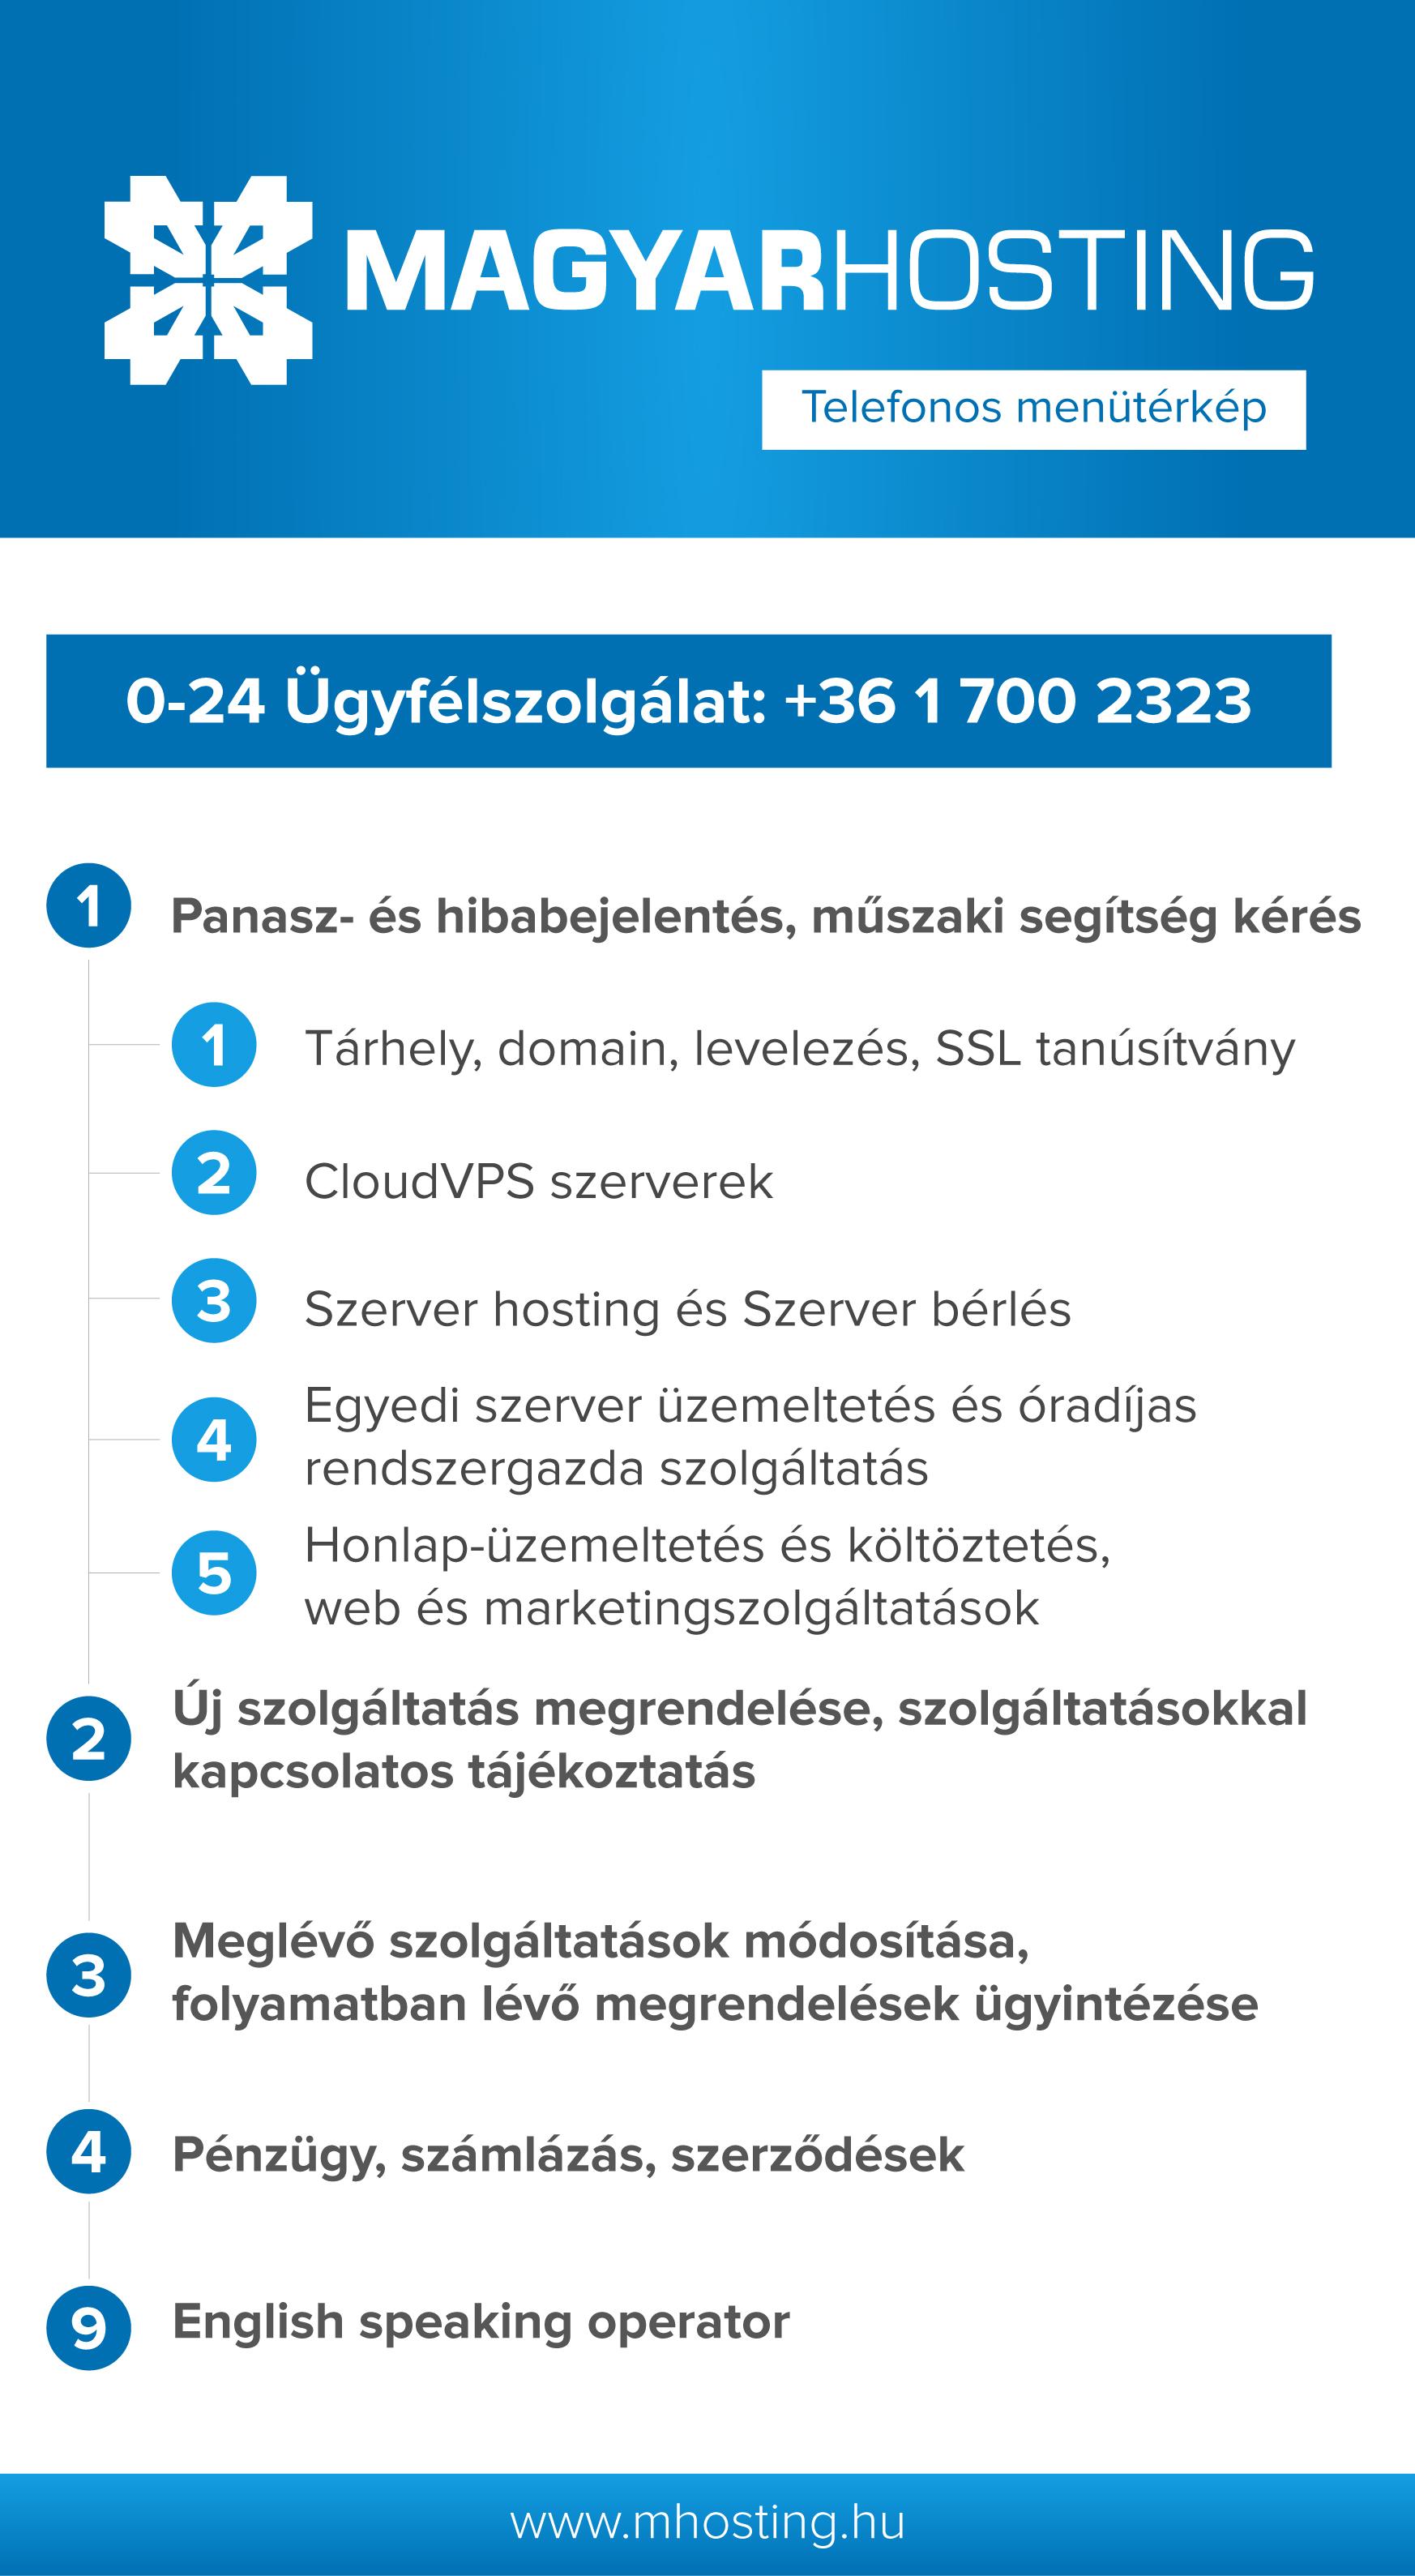 Magyar Hosting telefonos menütérkép